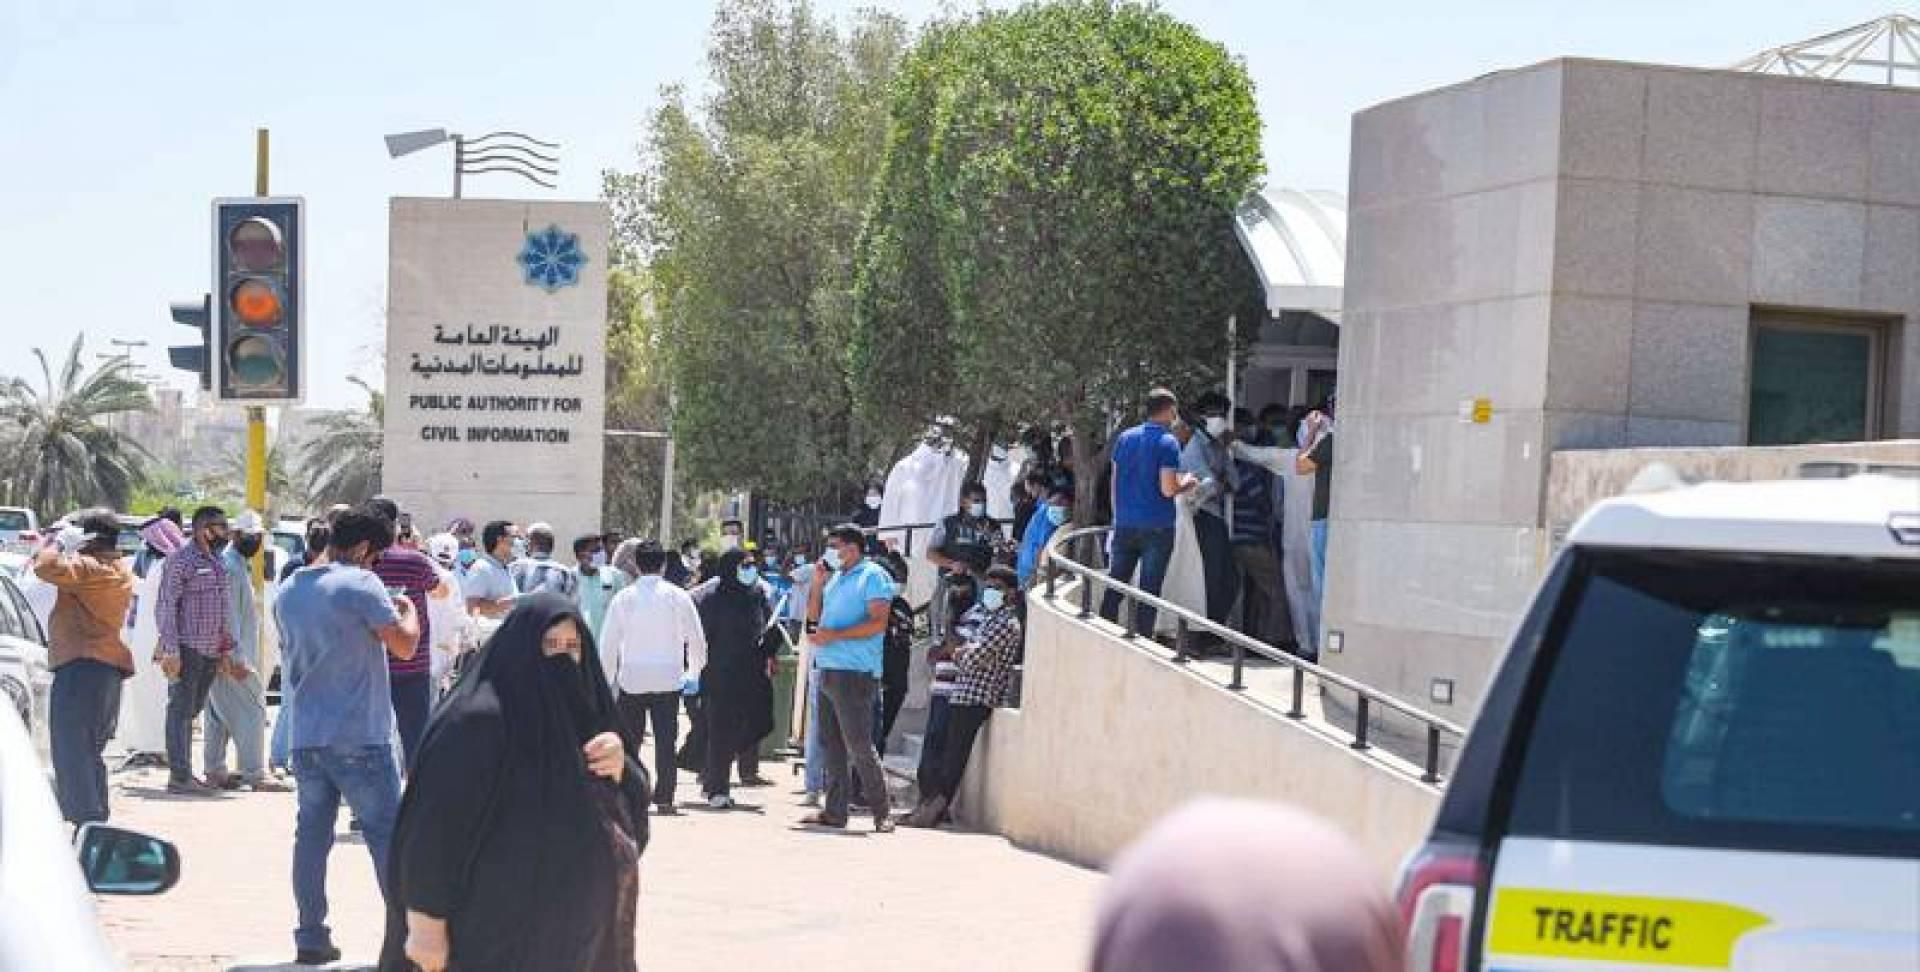 أول أيام استقبال الهيئة العامة للمعلومات المدنية للمراجعين.. تصوير محمود الفوريكي